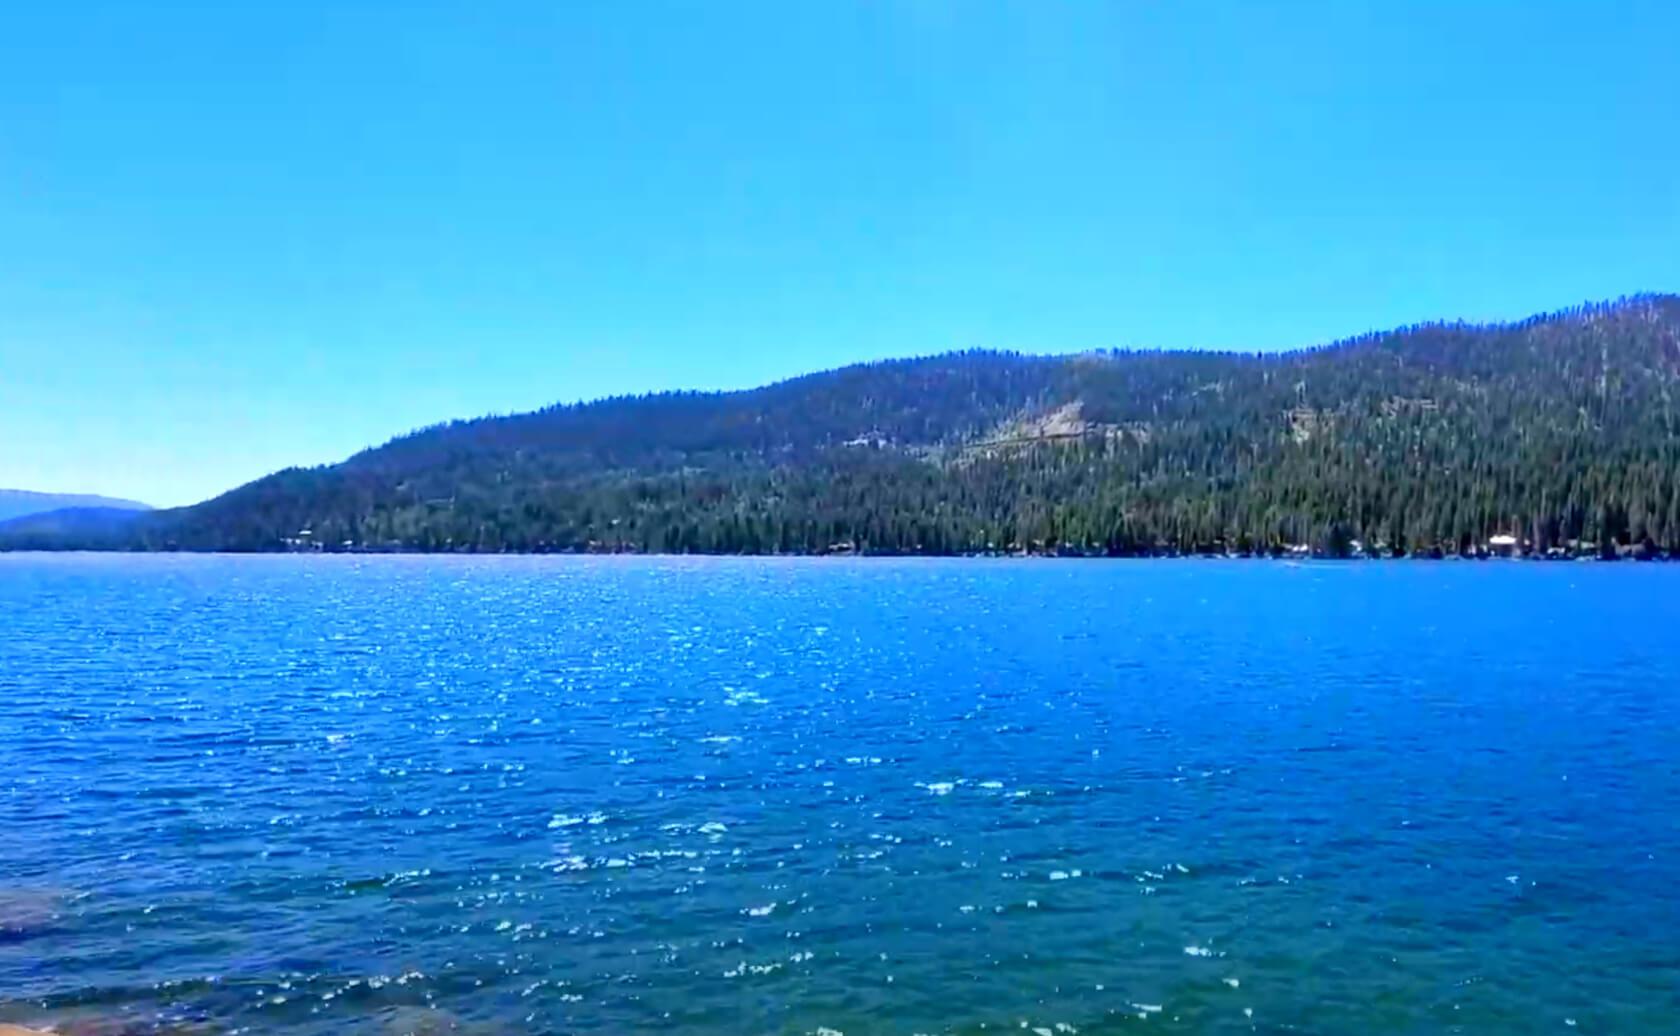 Donner-Lake-Fishing-Guide-Report-California-01